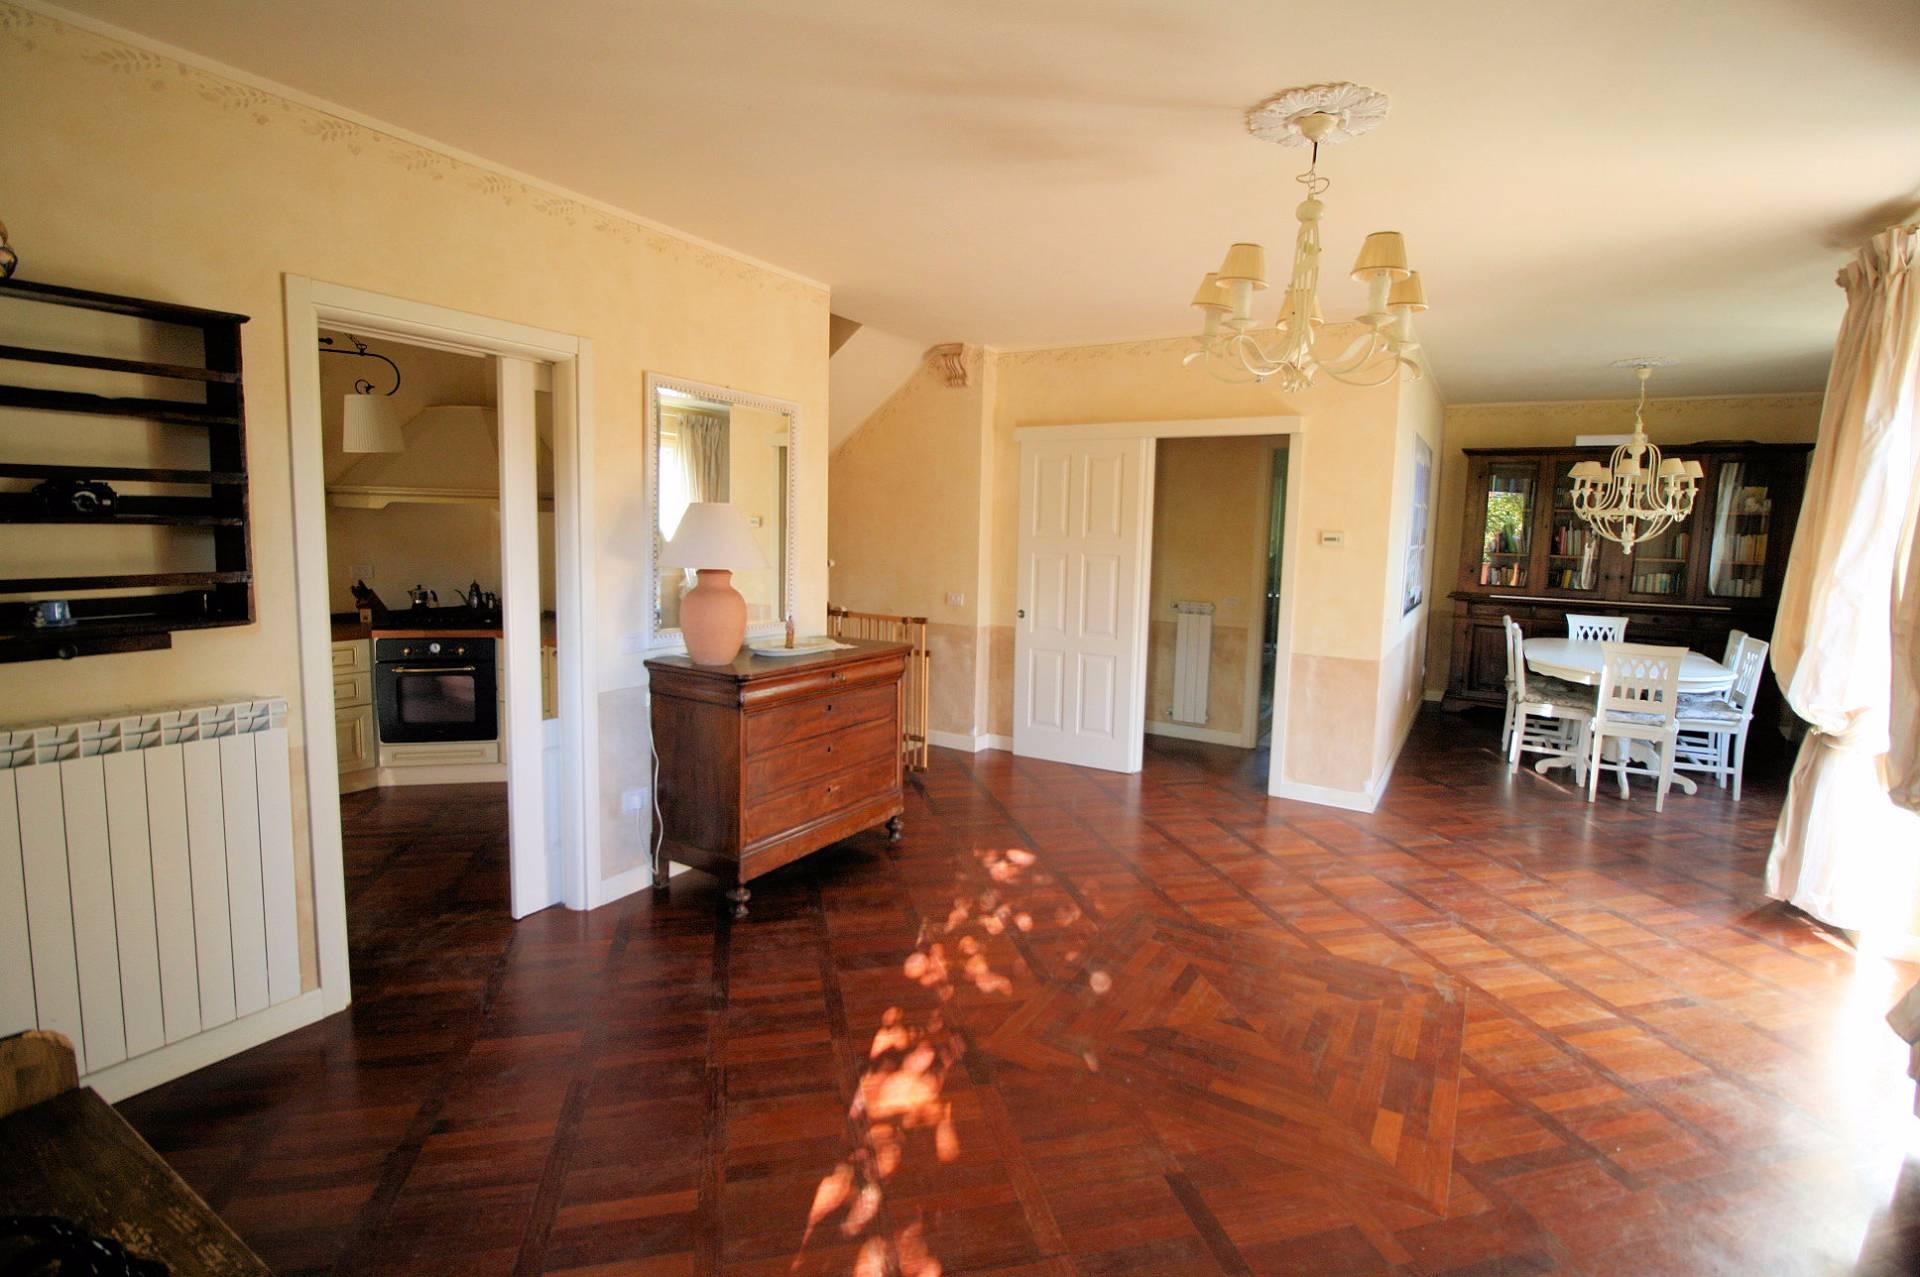 Villa in vendita a Massarosa, 8 locali, zona Zona: Bargecchia, prezzo € 470.000 | Cambio Casa.it